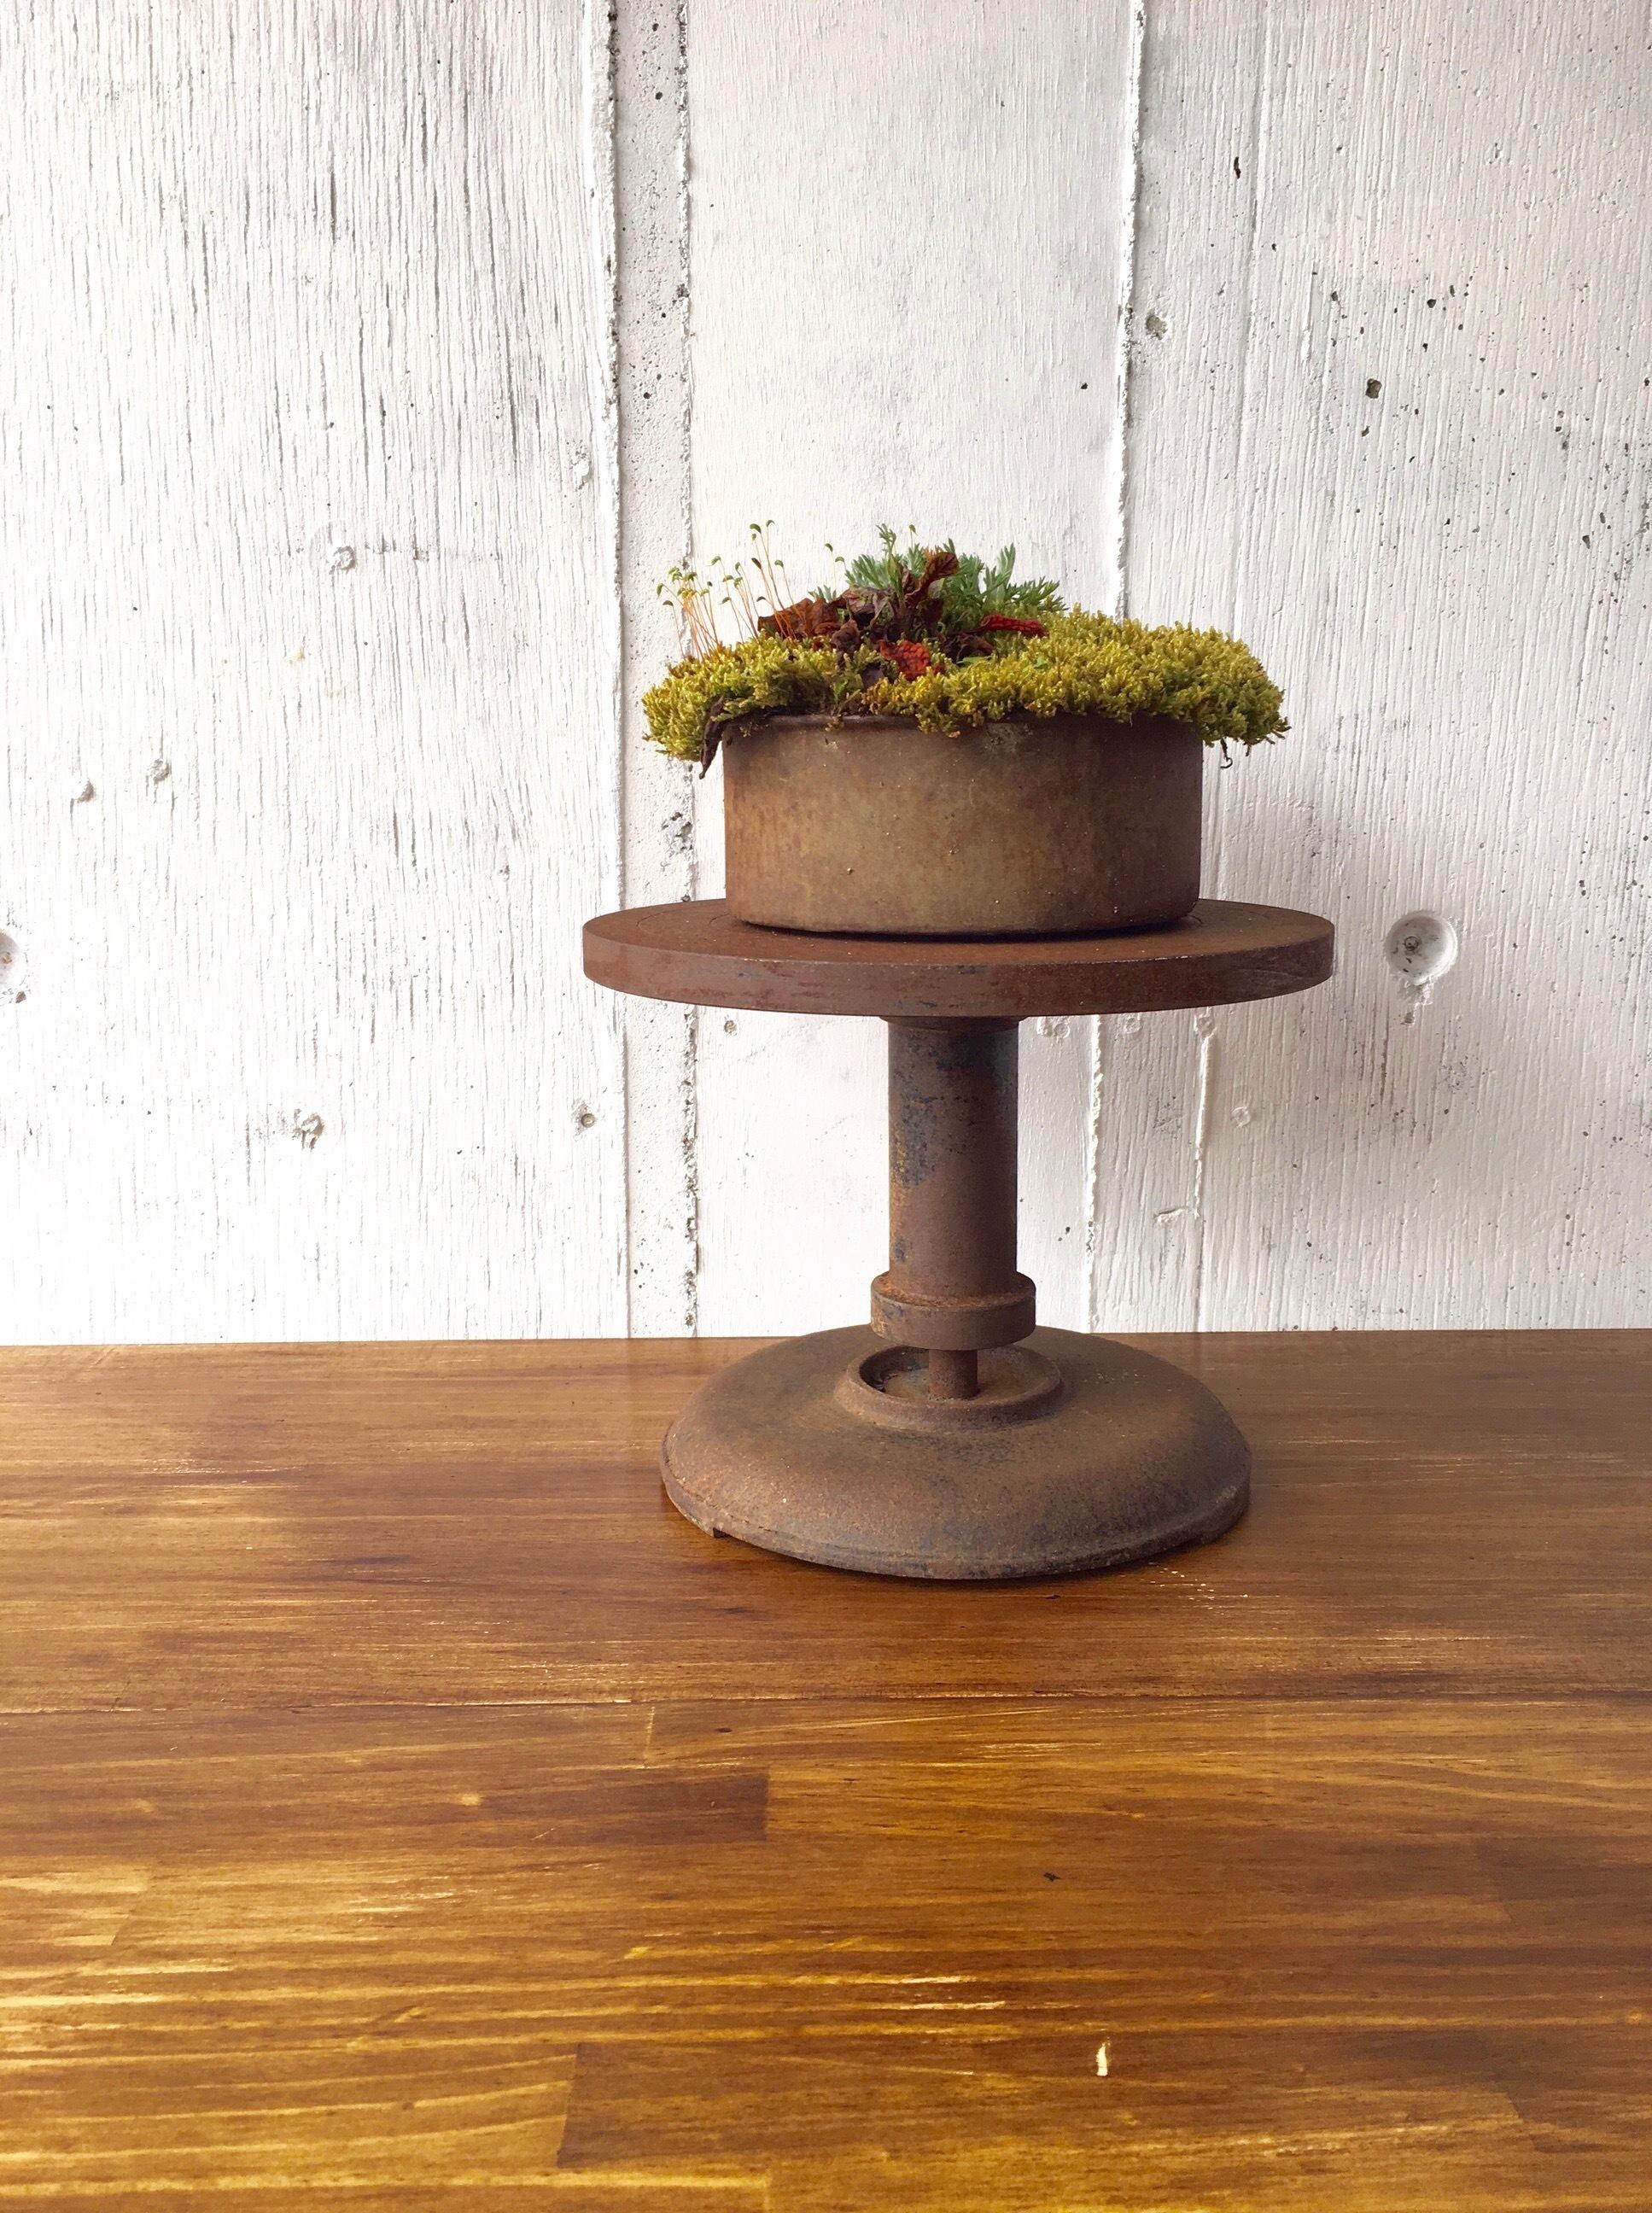 アイアン製の飾り台[古道具]